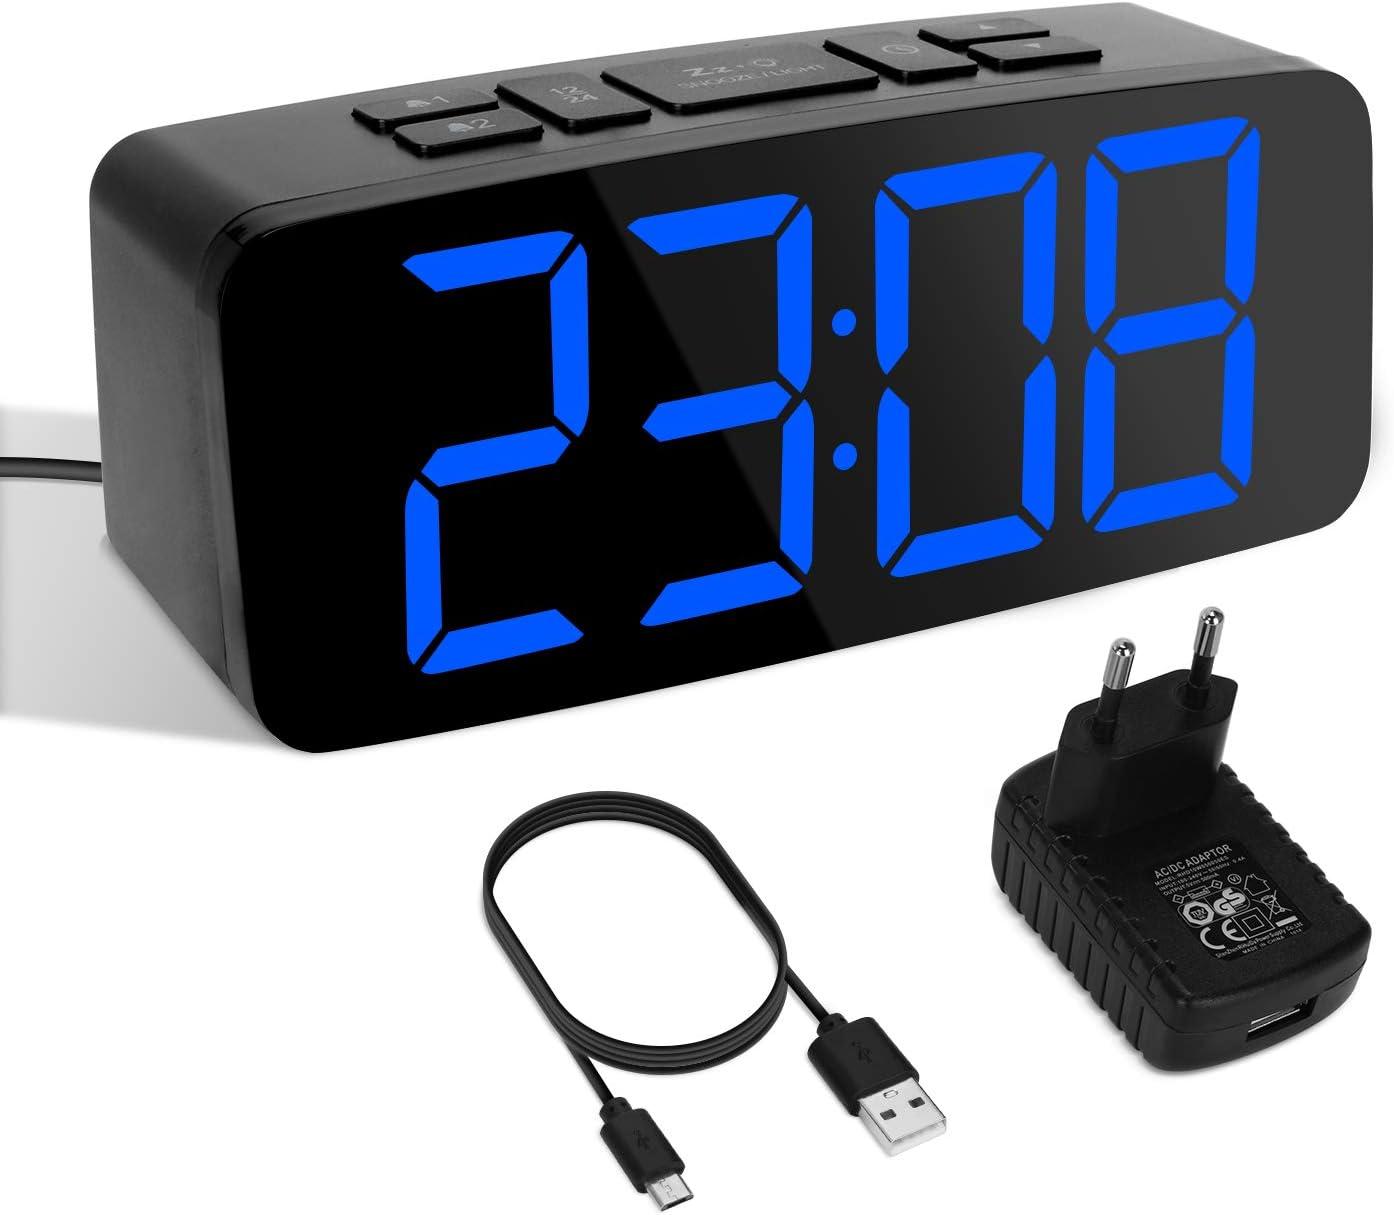 YISSVIC Despertador Digital LED Despertador Digital equipé de 2 alarmas función Snooze luminosidad Ajustable en 6 Niveles tamaños 12/24 Horas Version 2019